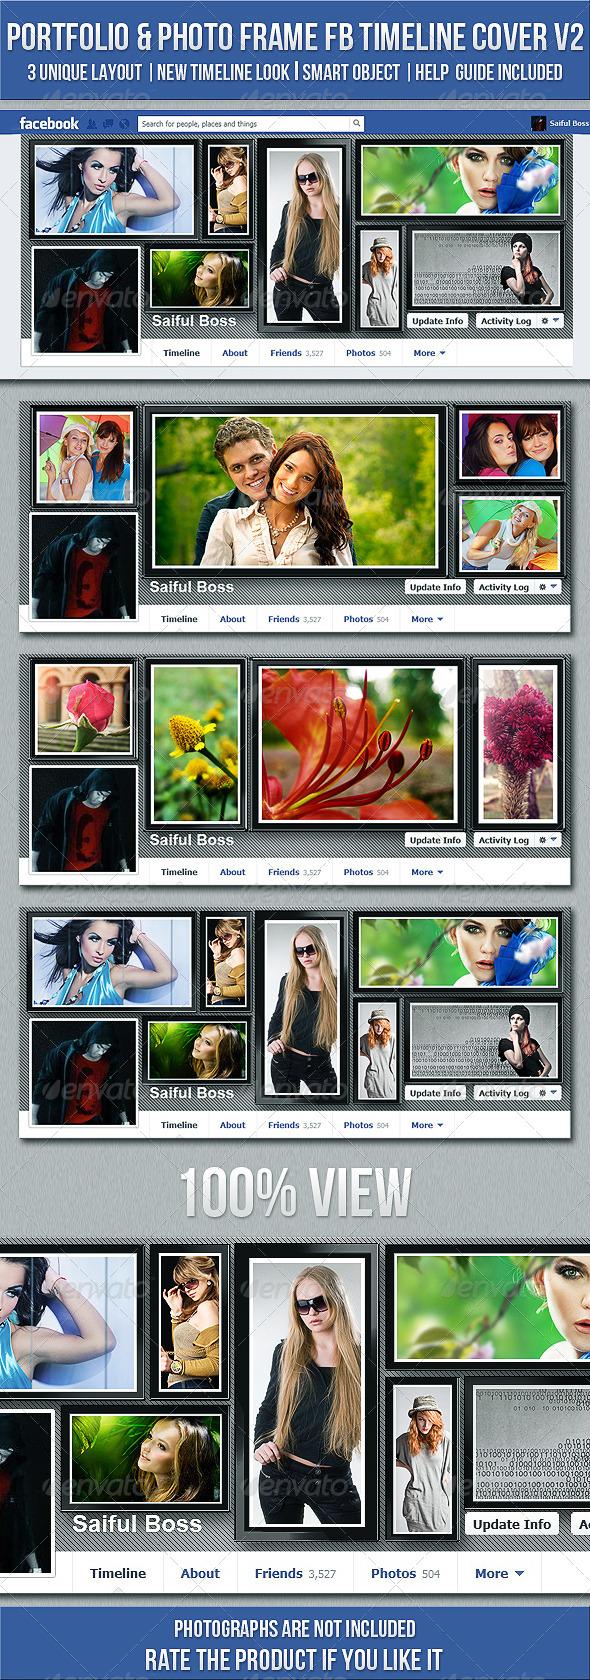 GraphicRiver Portfolio & Photo Frame FB Timeline Cover V2 4899621